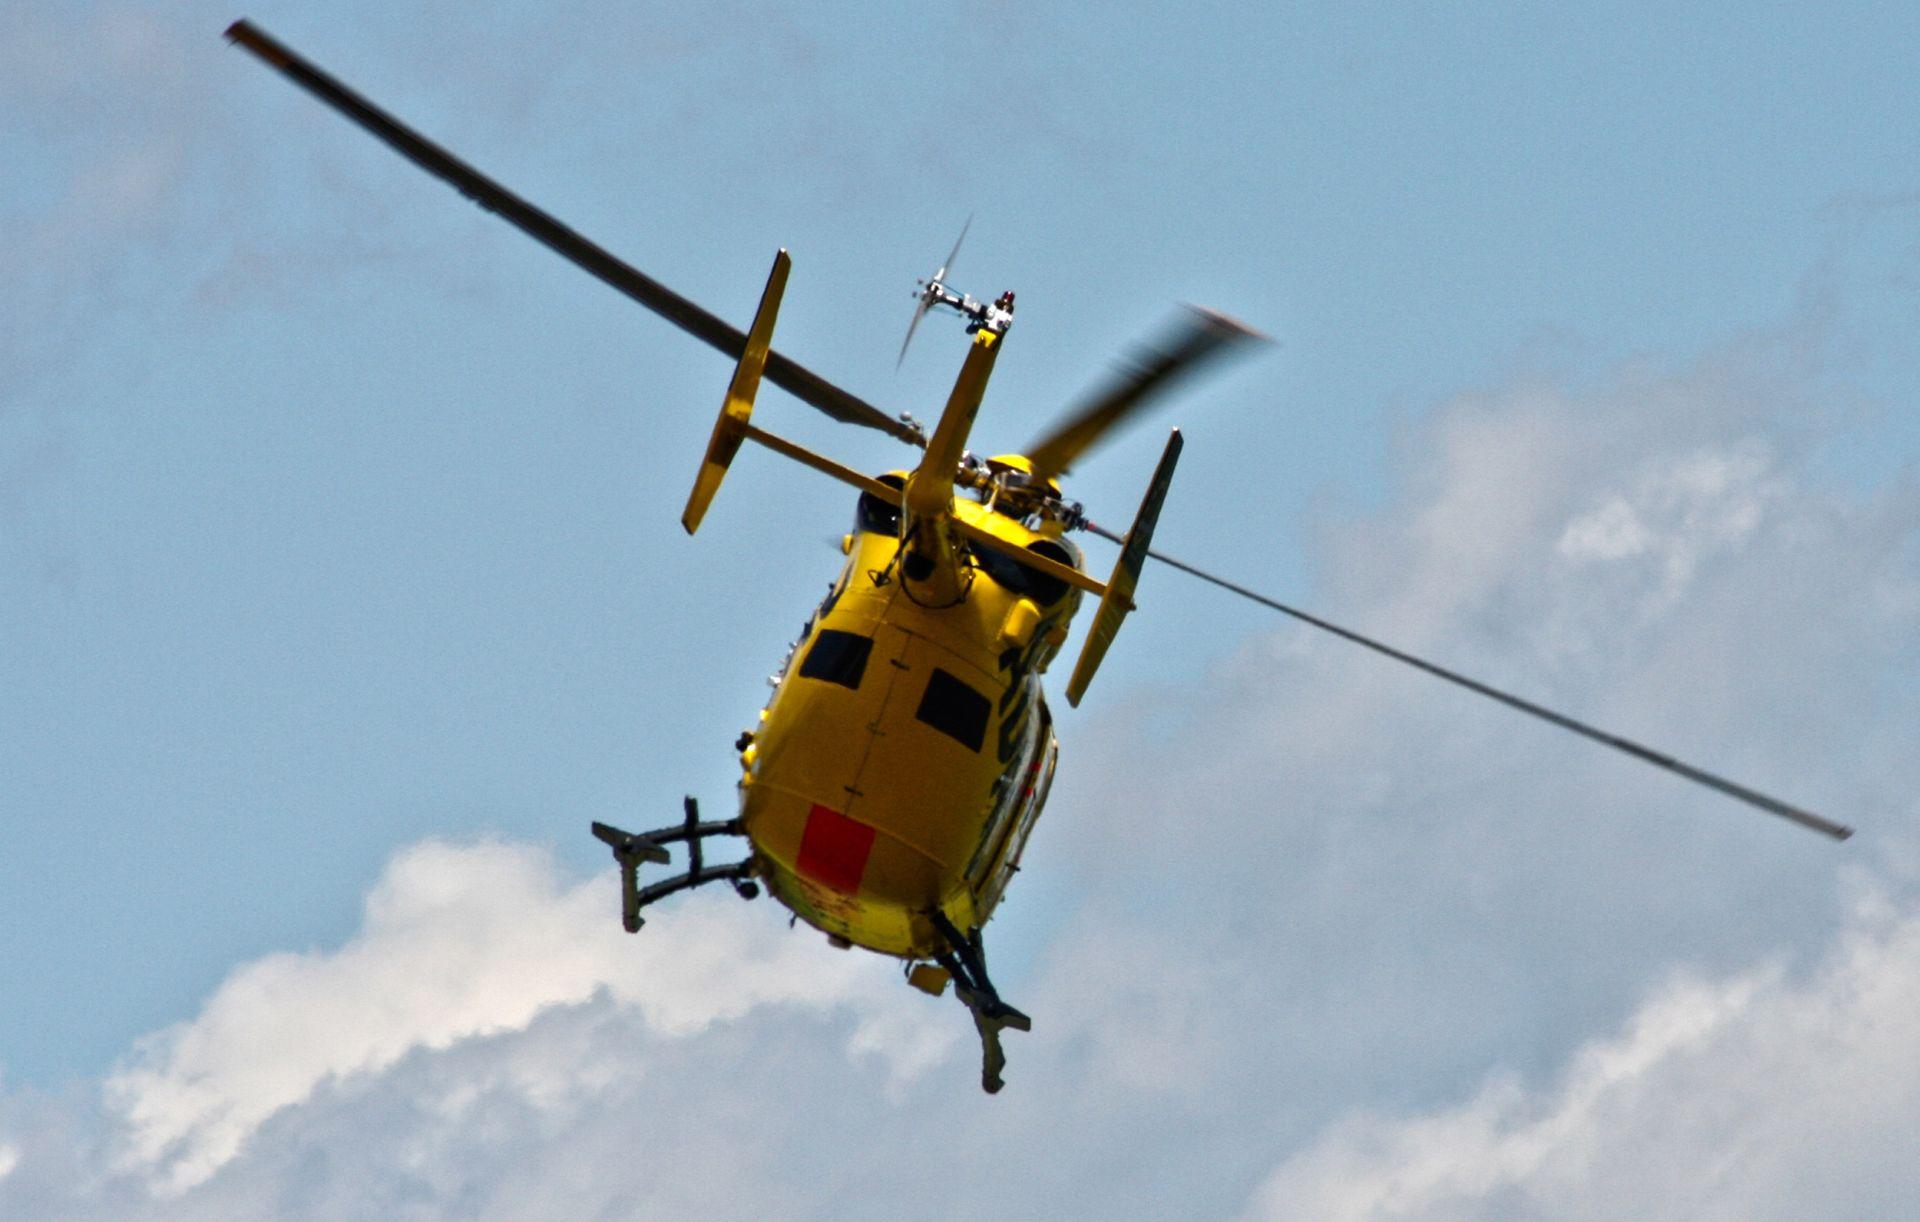 Helikopteri spašavaju 110 ljudi iz žičare u Alpama